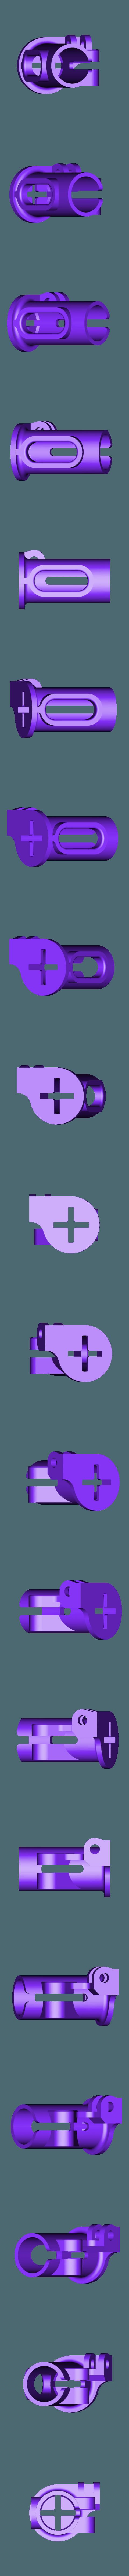 Steering_Clamp.stl Télécharger fichier STL gratuit Vapemobile : Voiture jouet pneumatique • Modèle pour imprimante 3D, Slava_Z